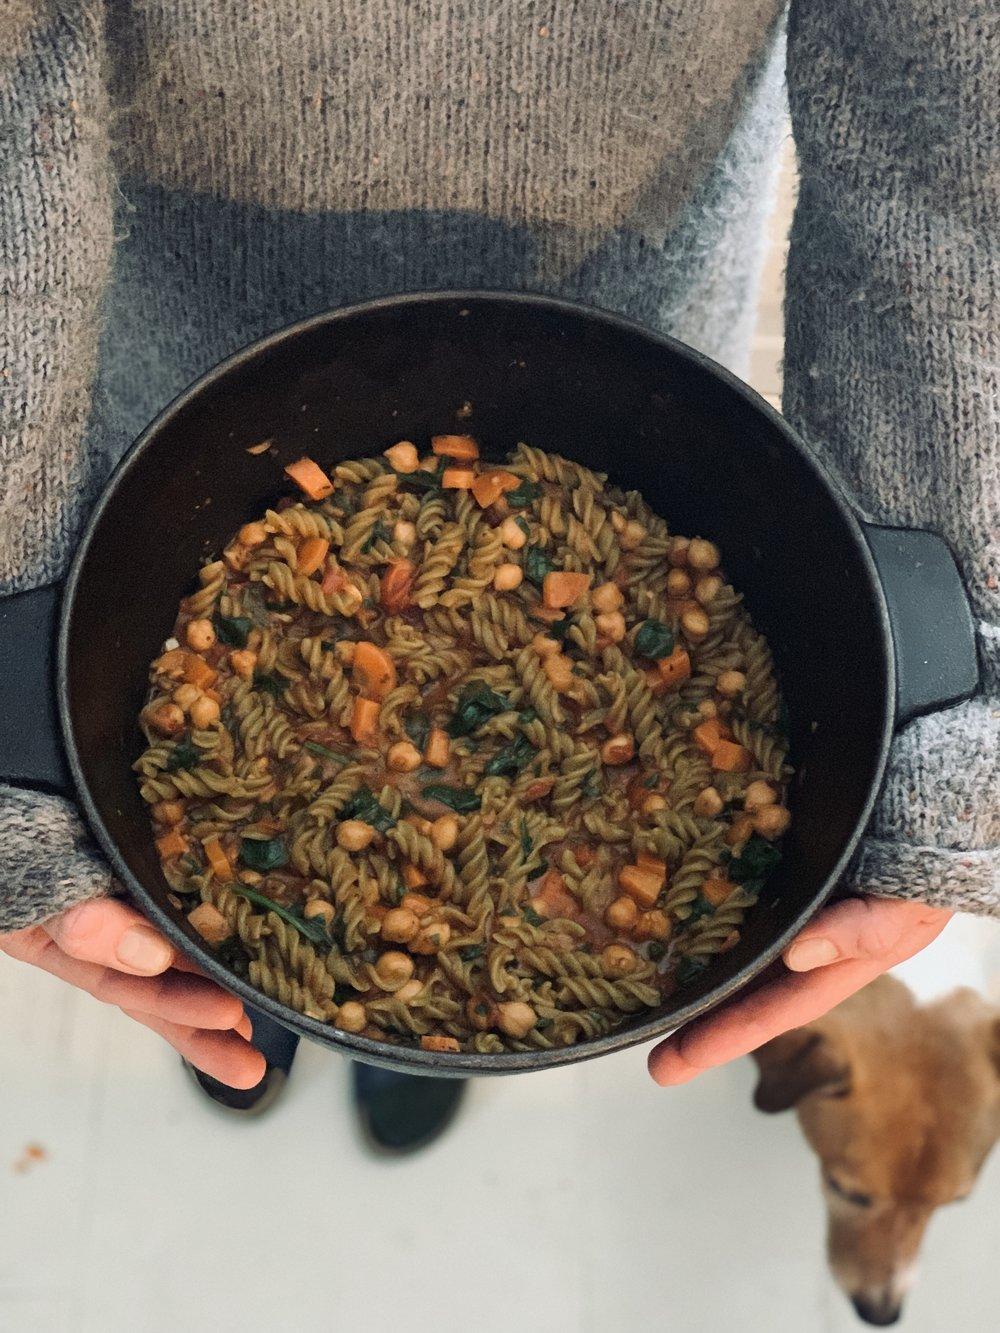 Så er det bare å servere! Smaker (som det meste av mat) aller best med rause mengder god olivenolje og godt selskap!